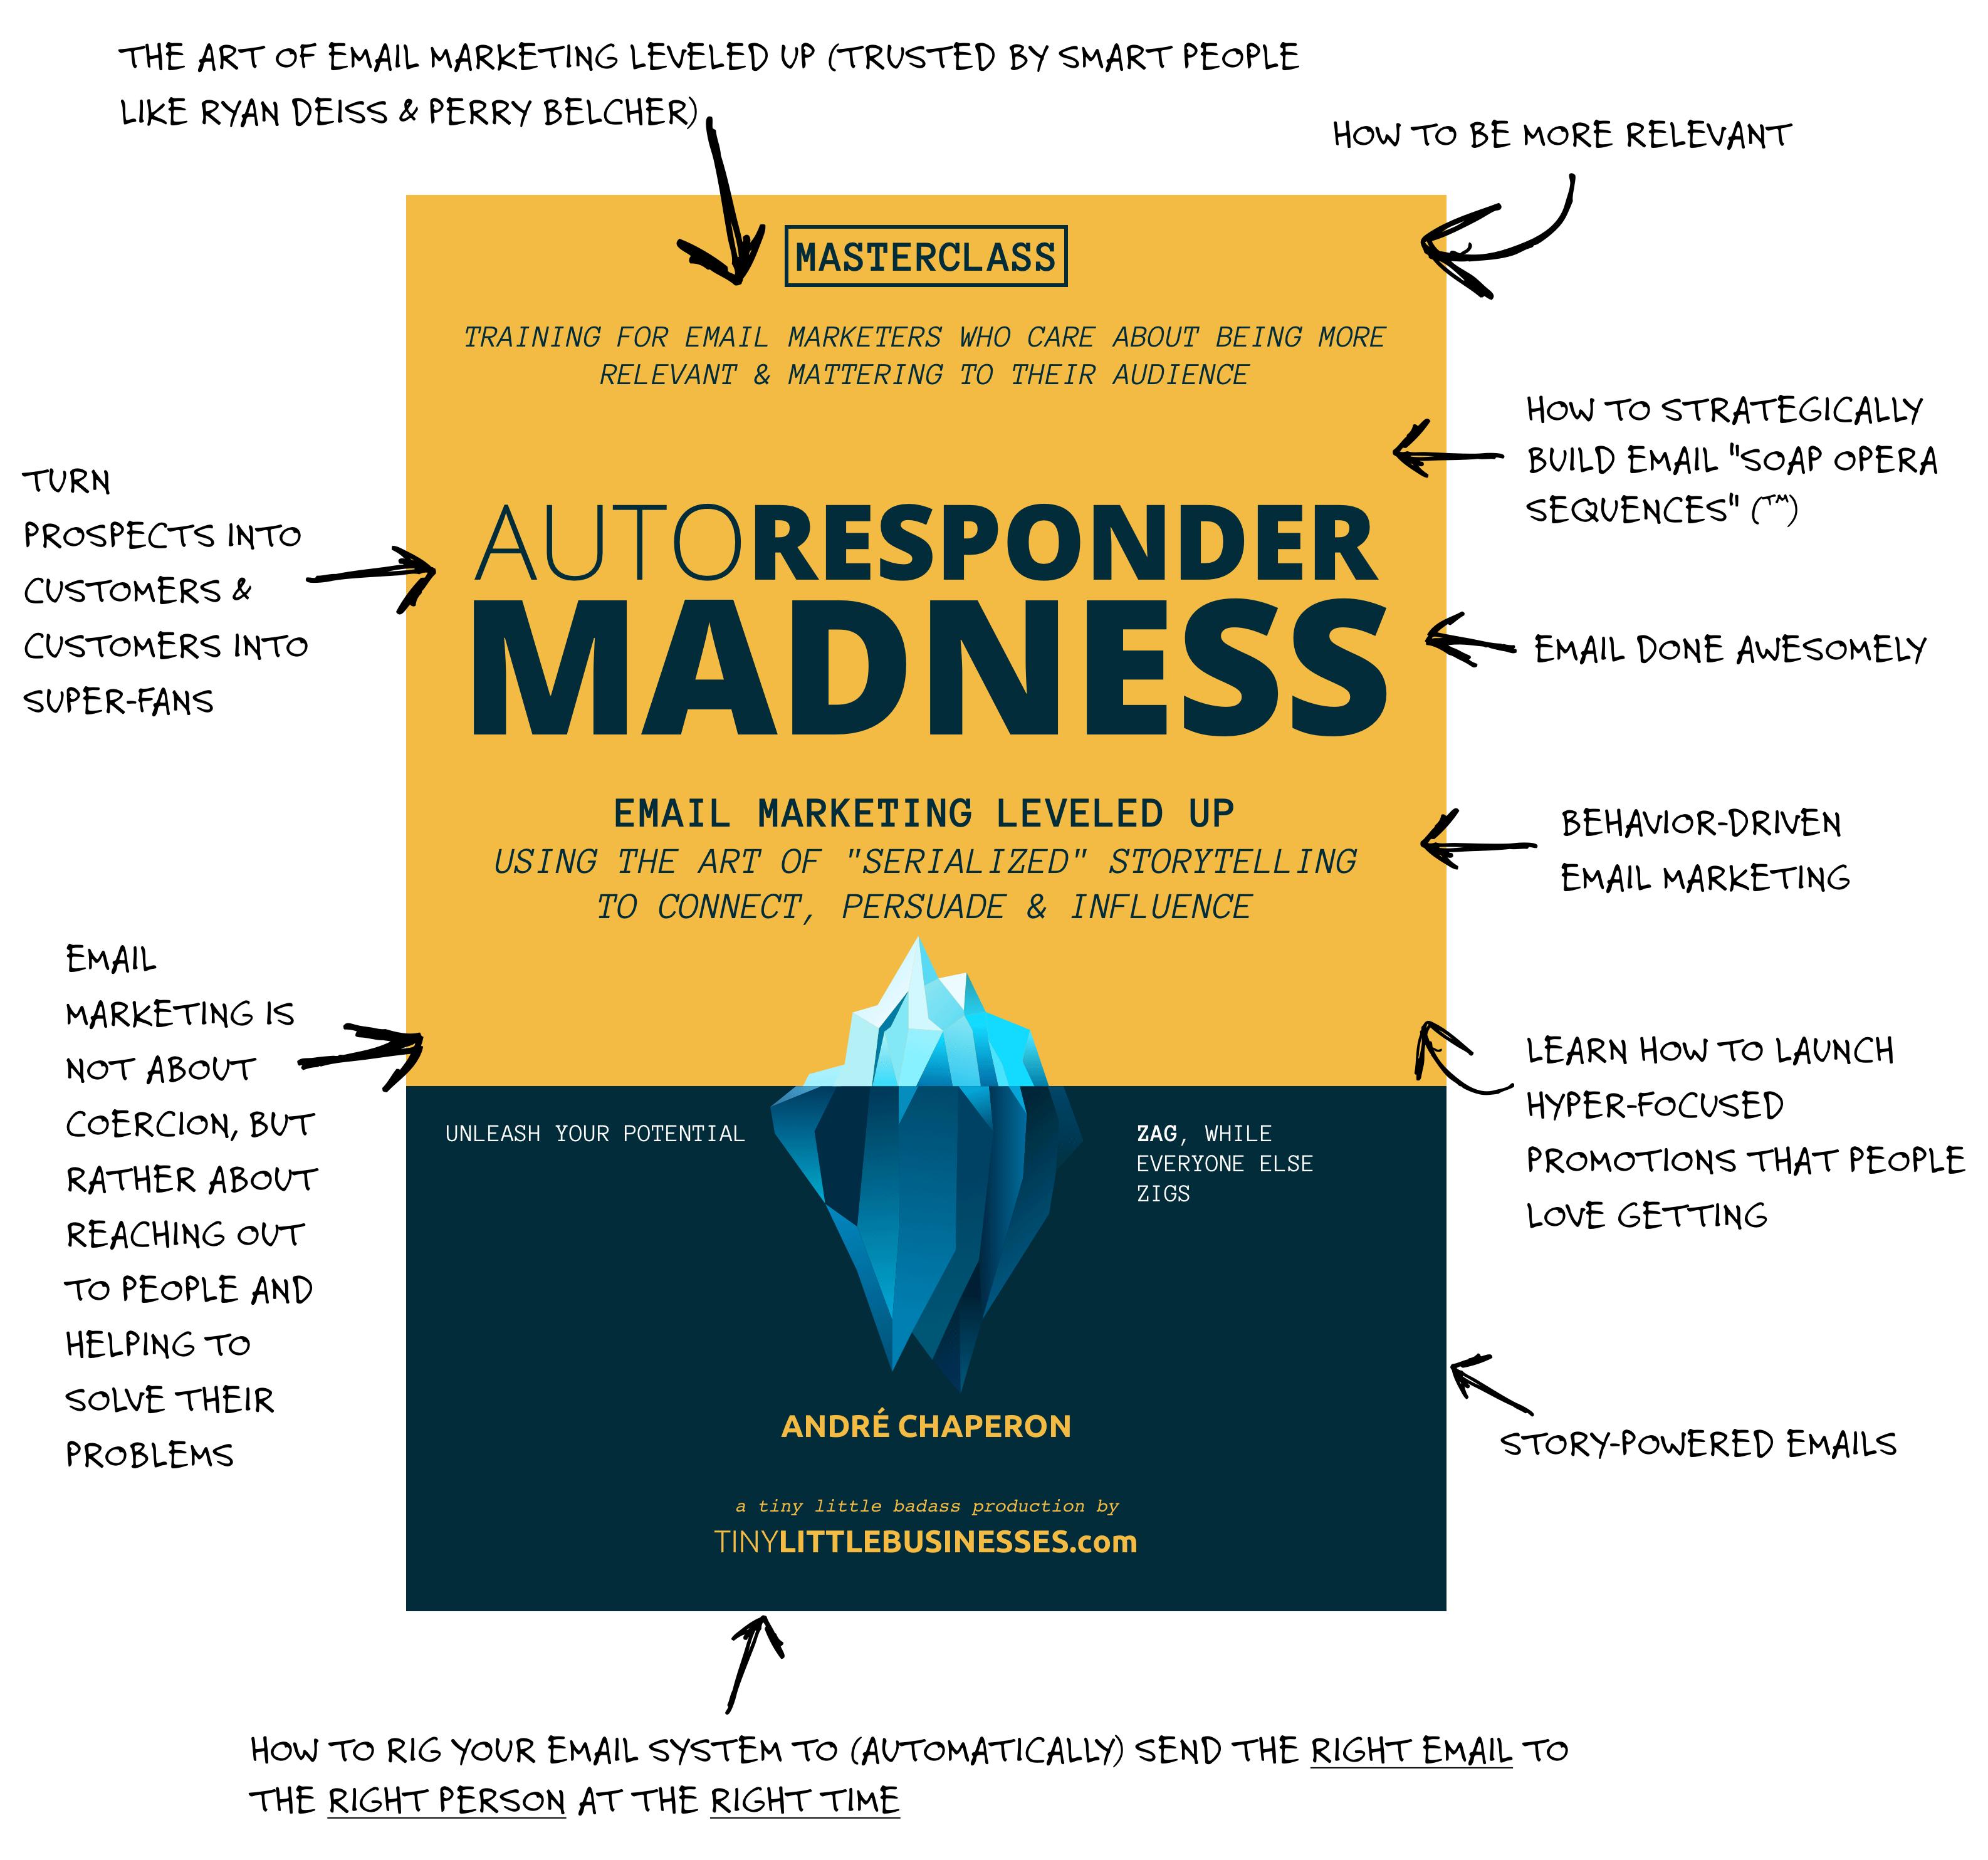 AutoResponder Madness